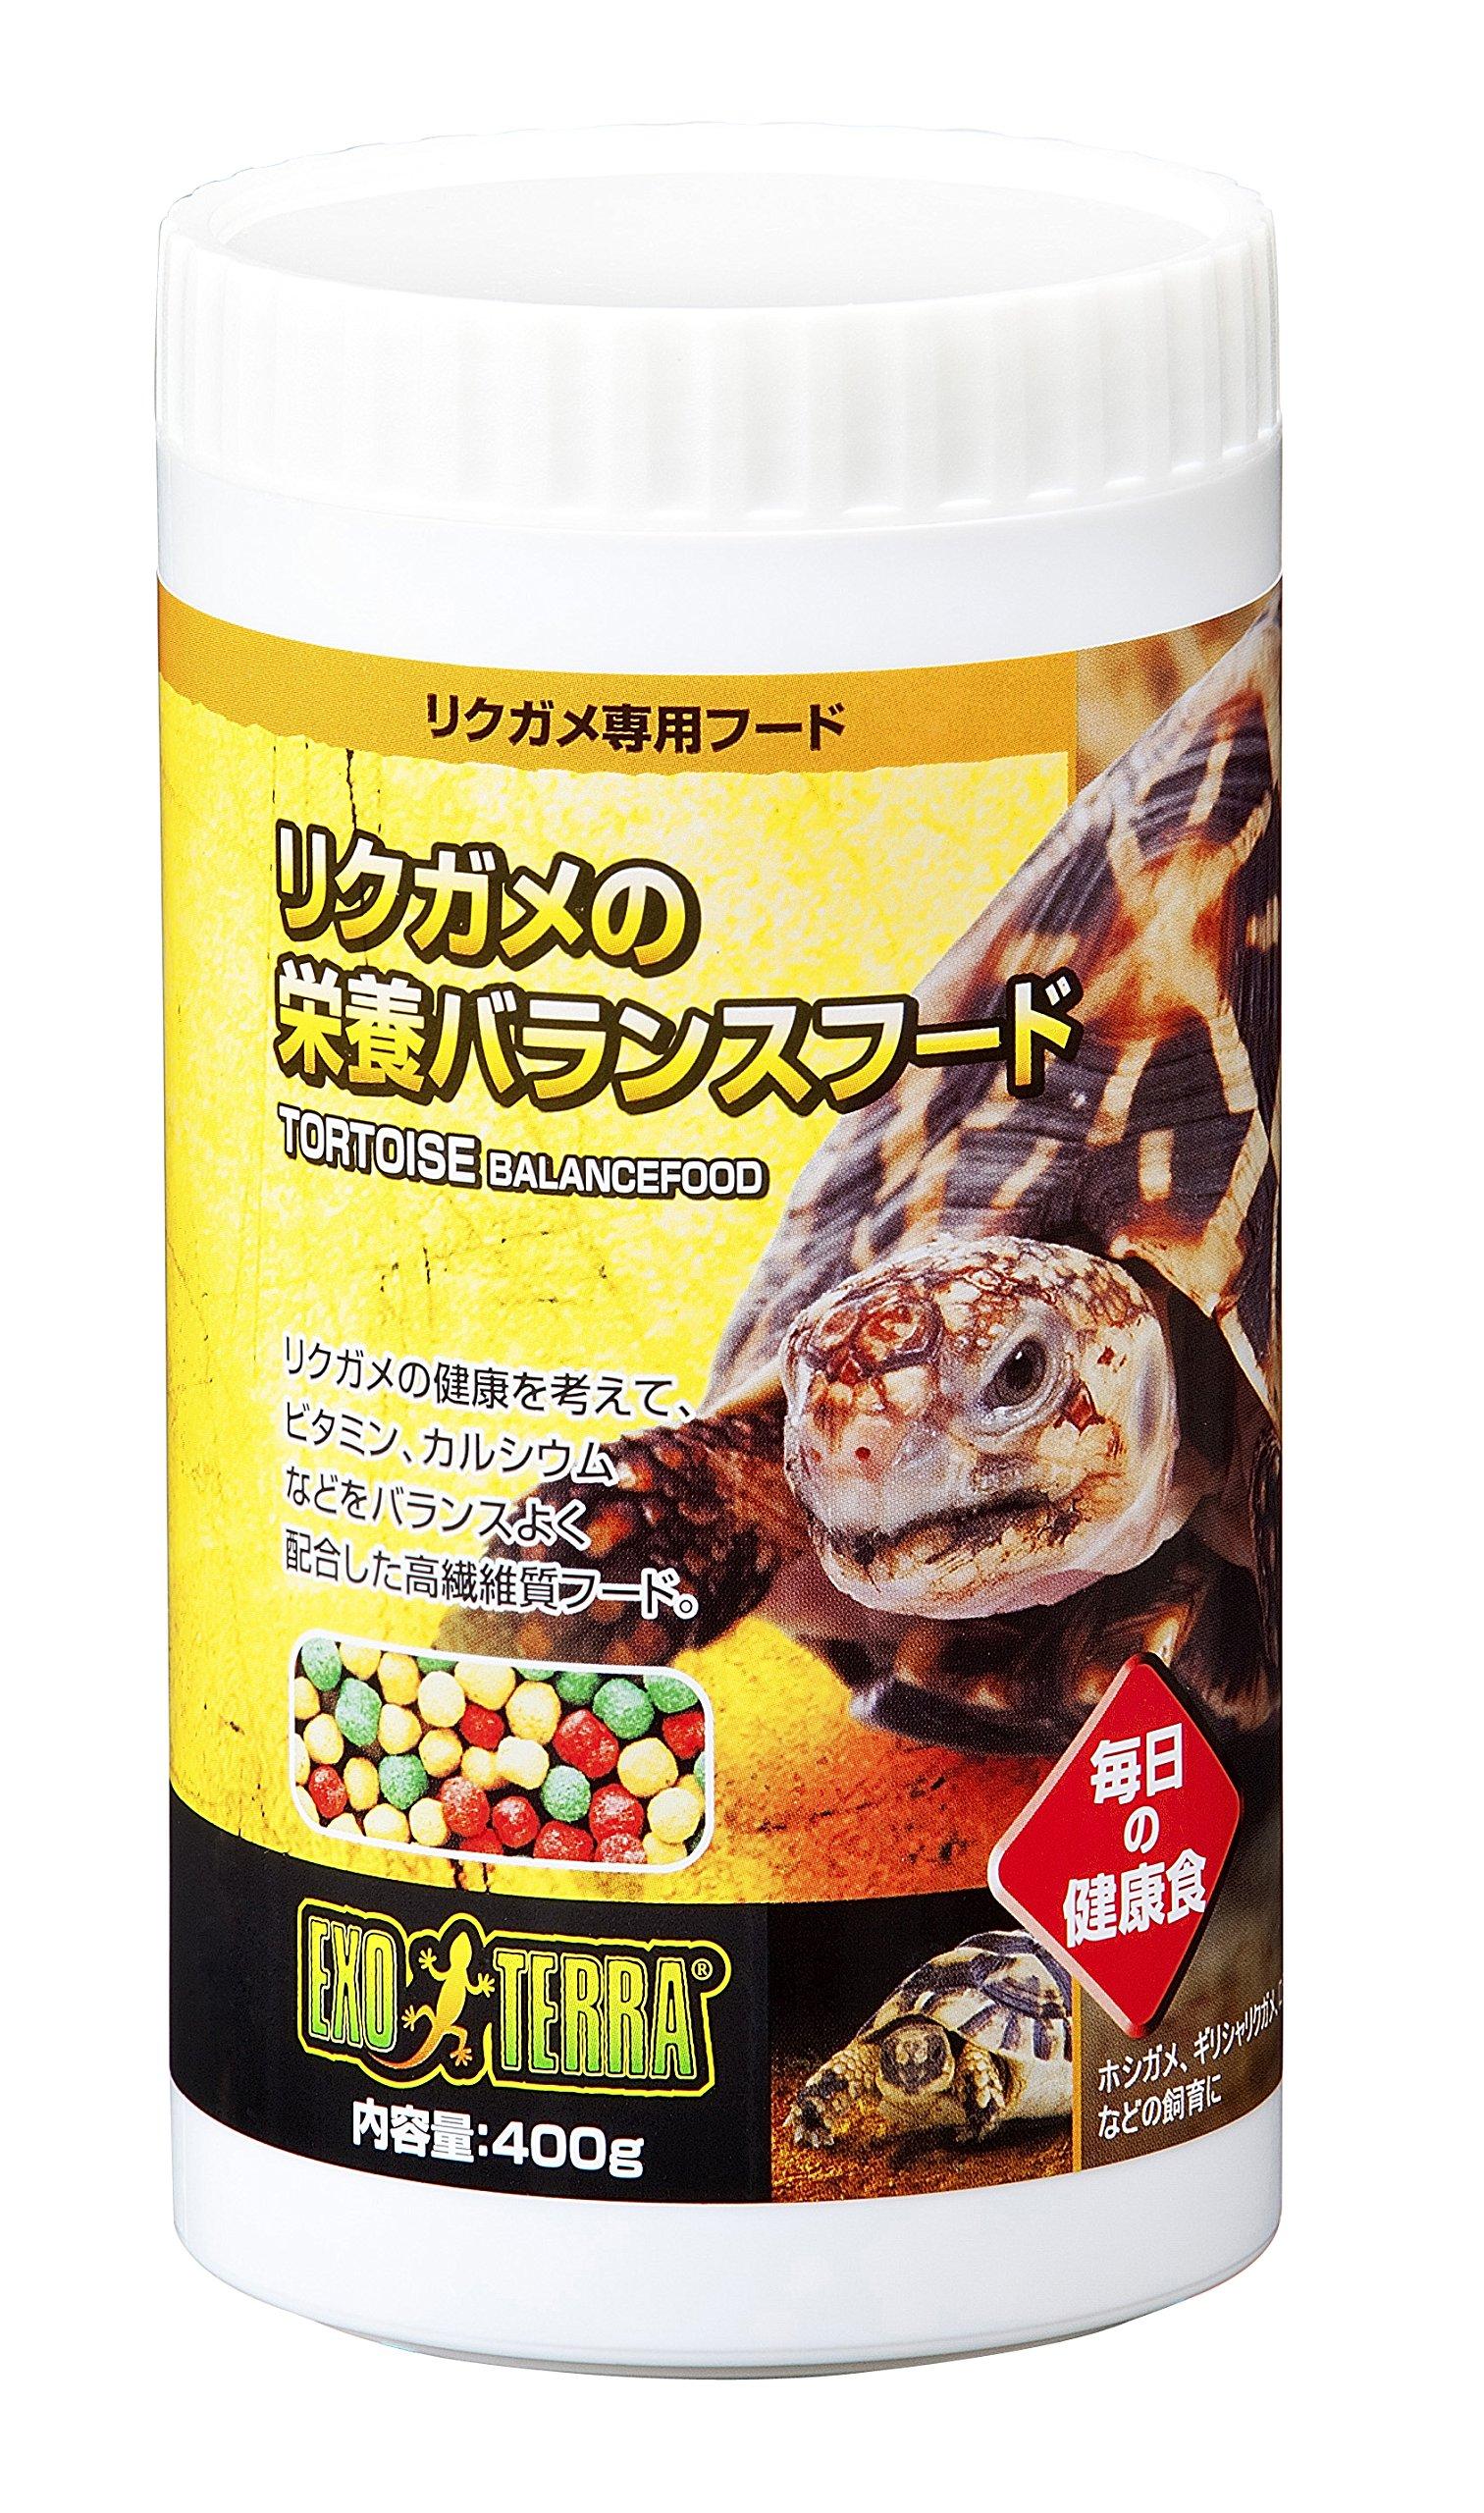 ジェックス リクガメの栄養バランスフード 400g